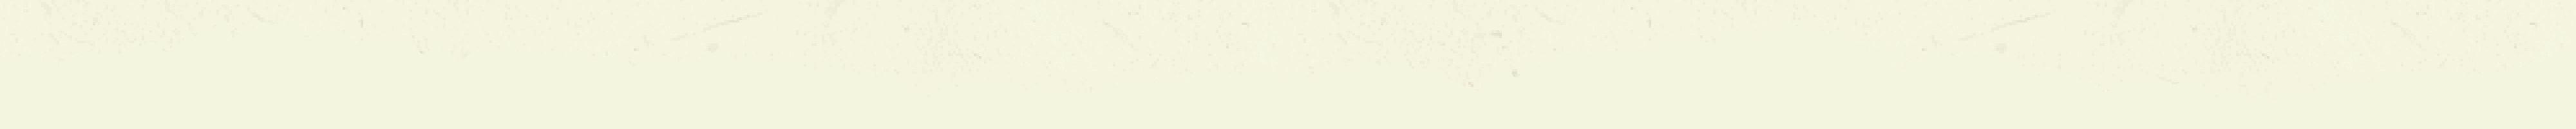 paper-divider-bottom-v2@2x